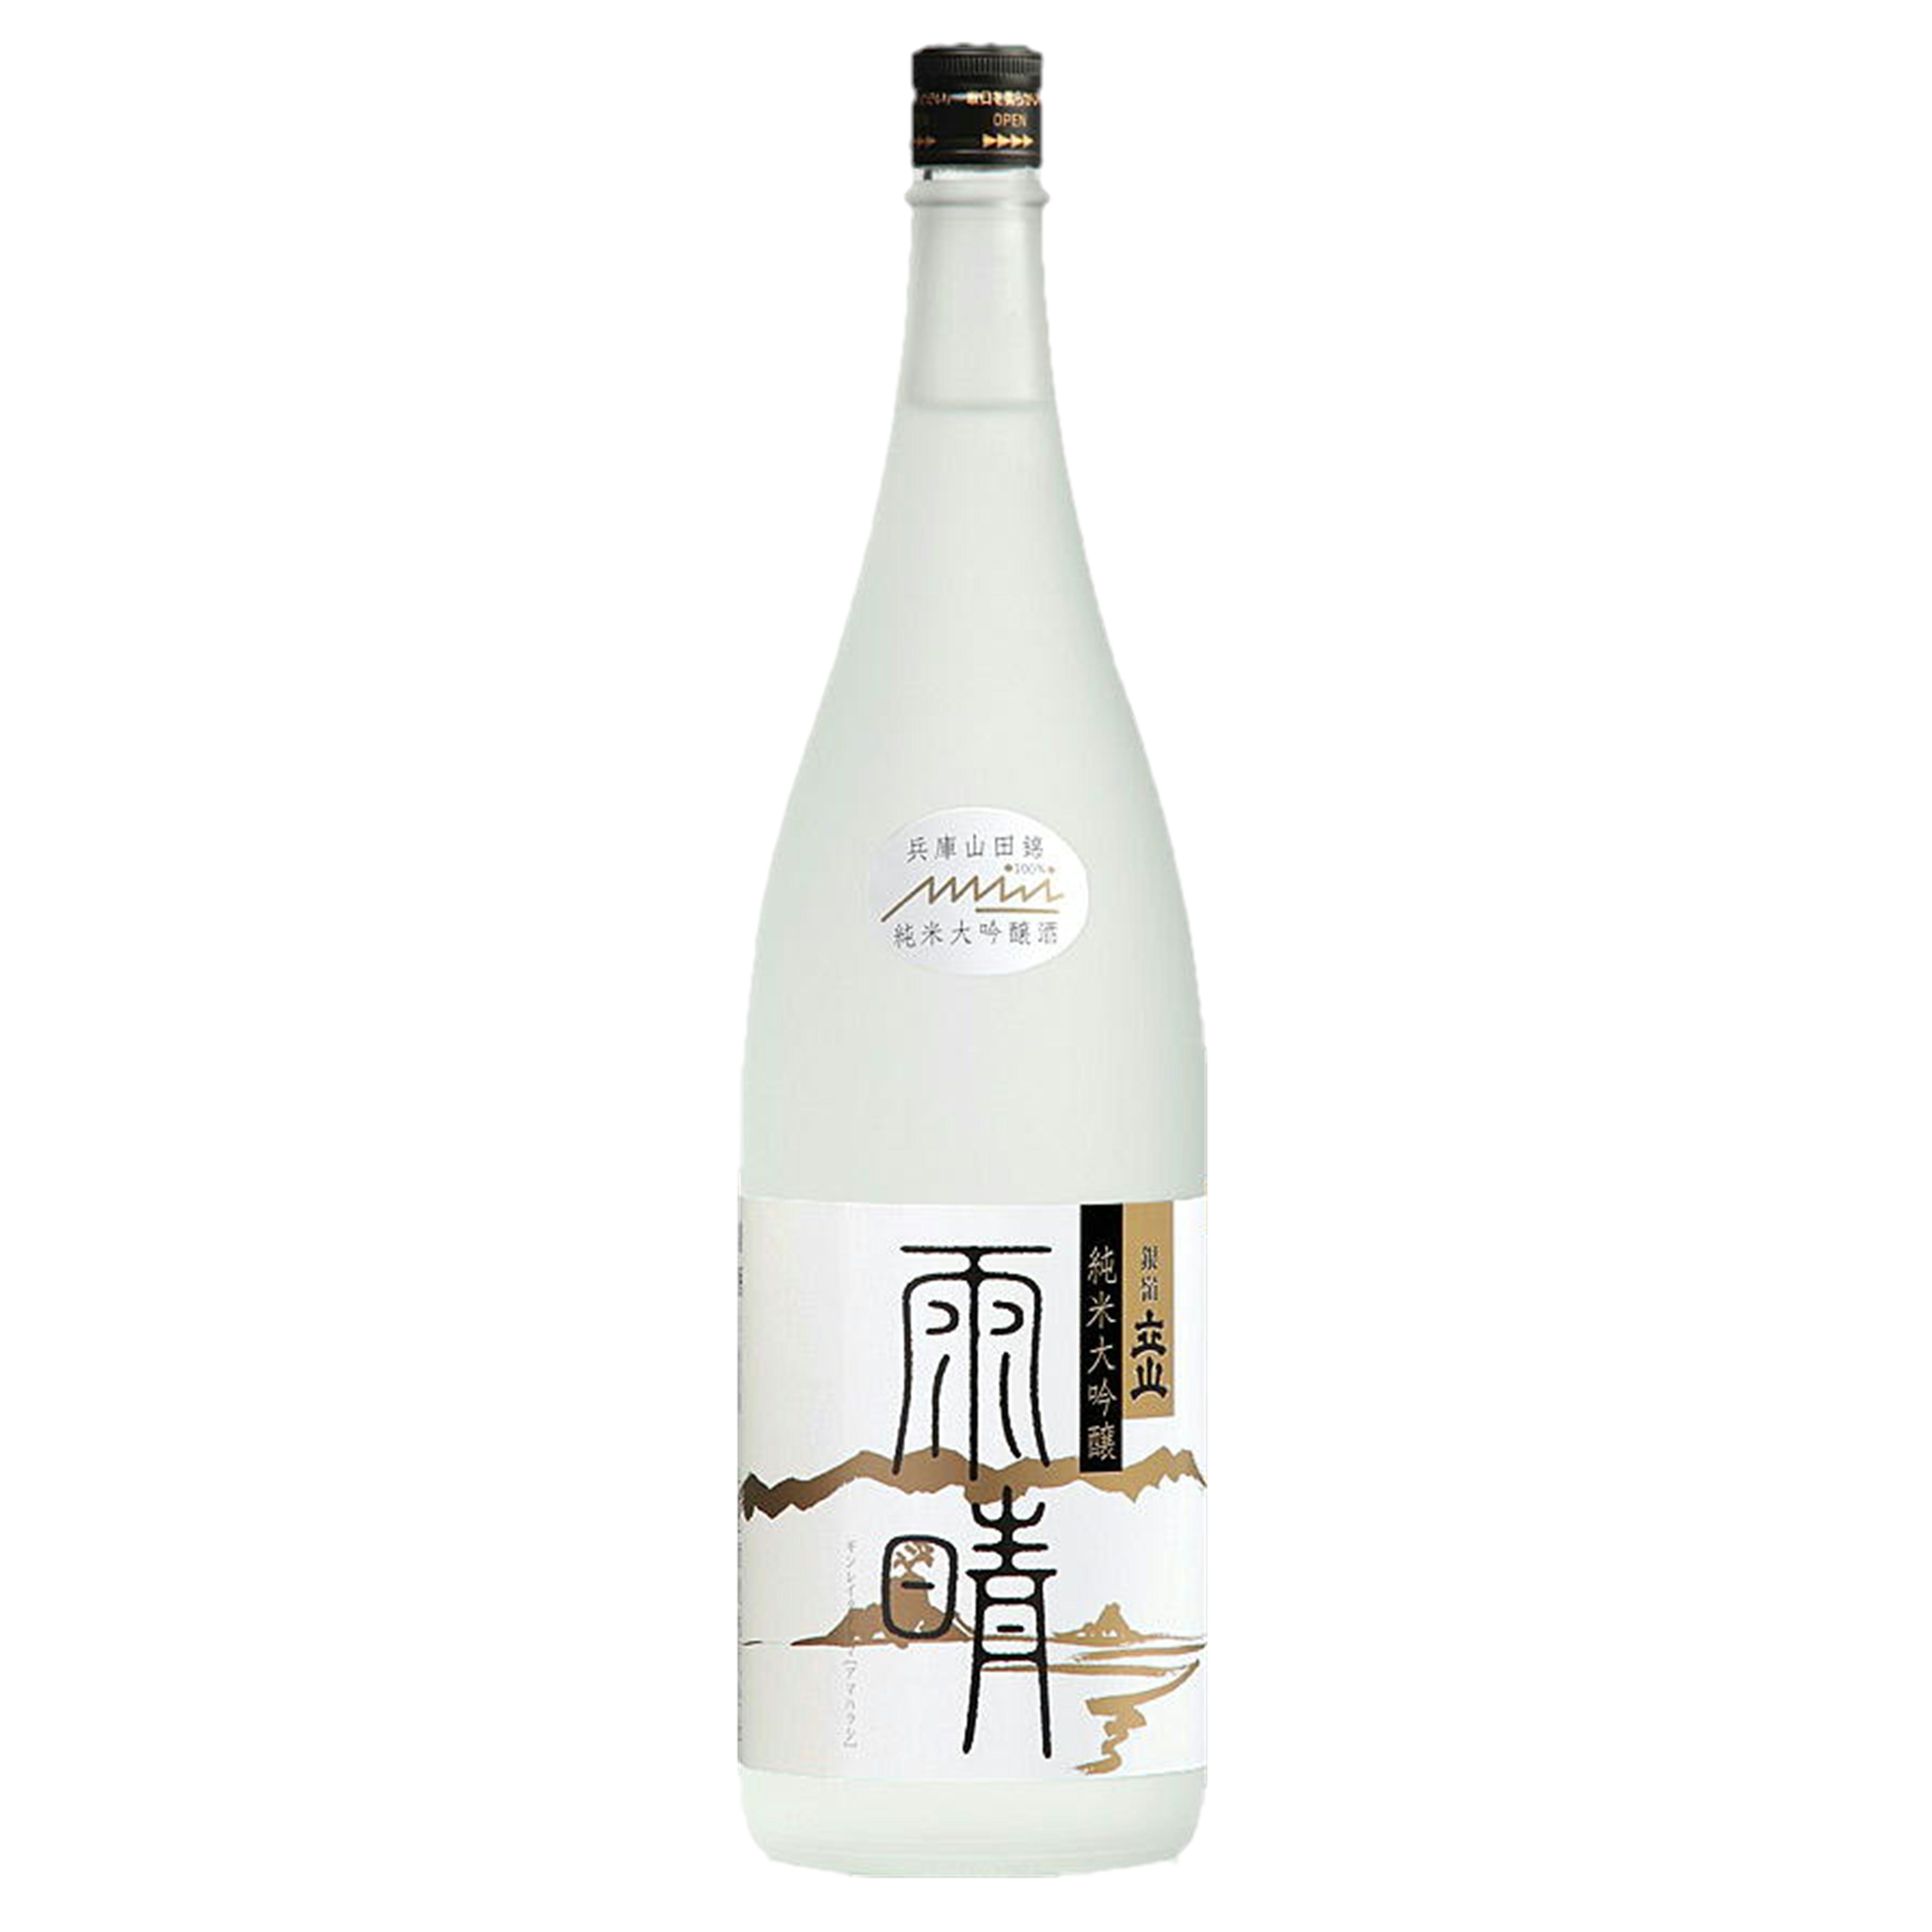 銀嶺立山 純米大吟醸 雨晴 【専用化粧箱入】